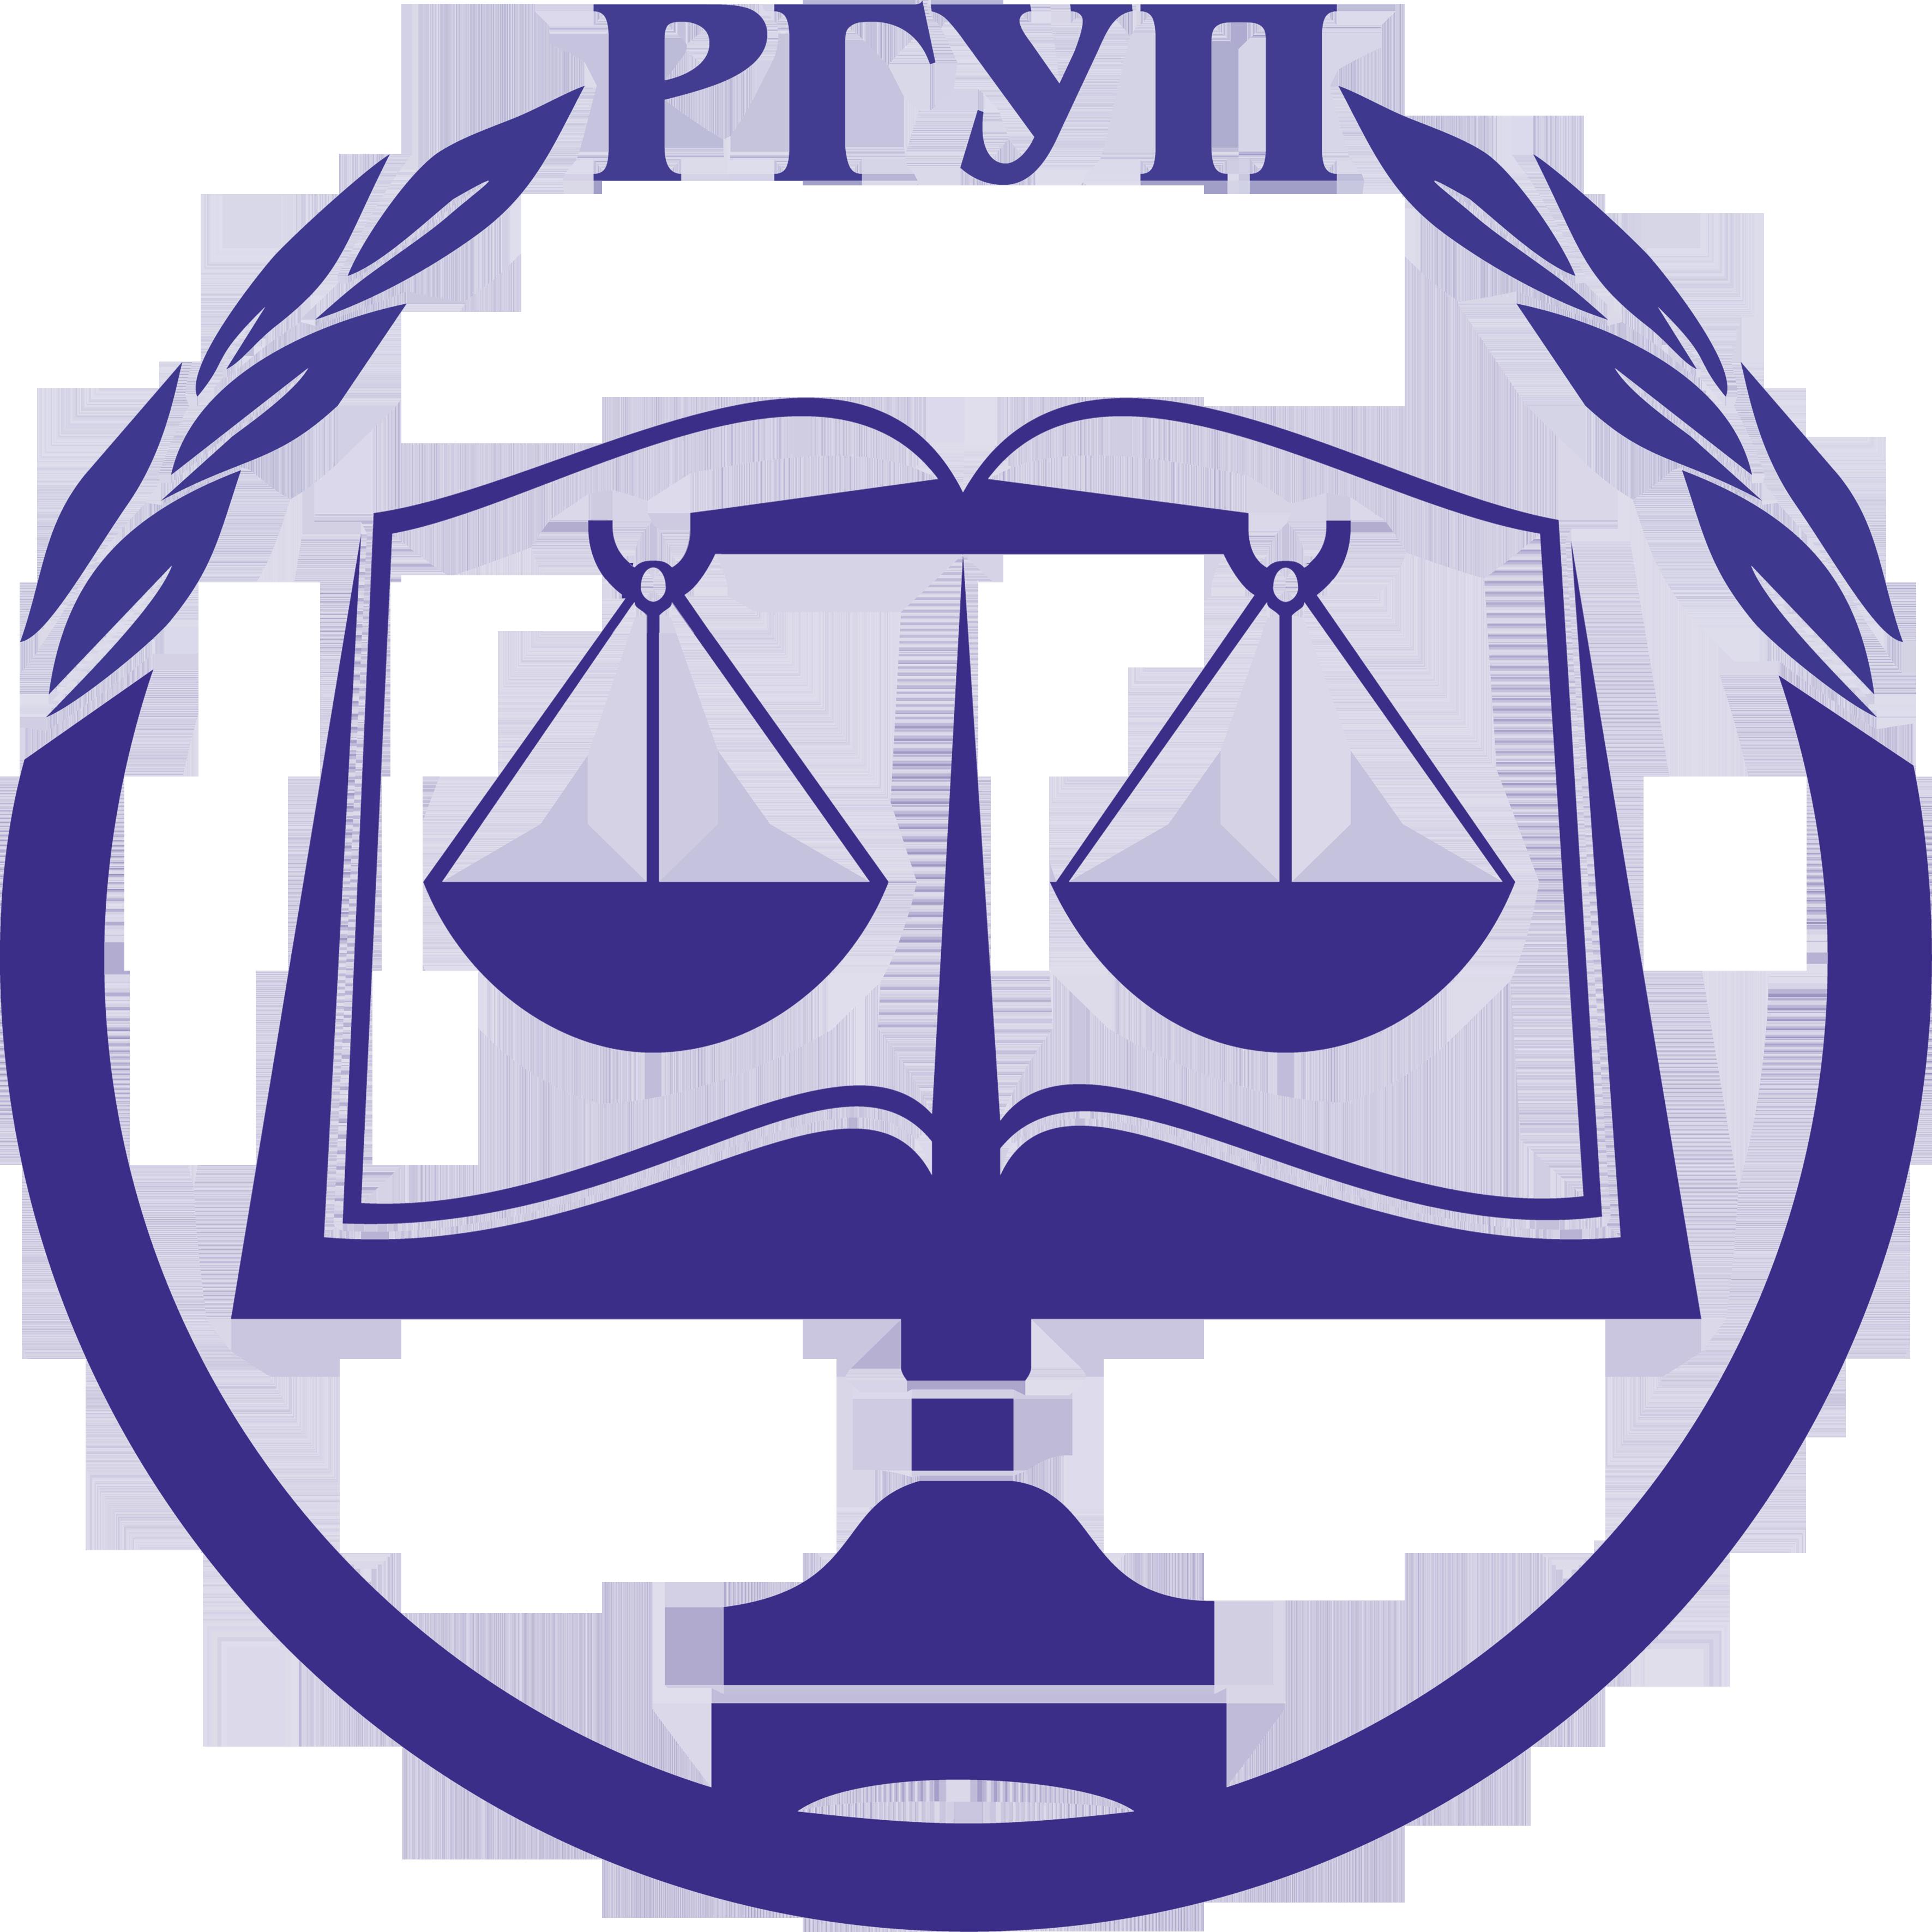 Заявка на дистанционное обучение в Российский государственный университет правосудия